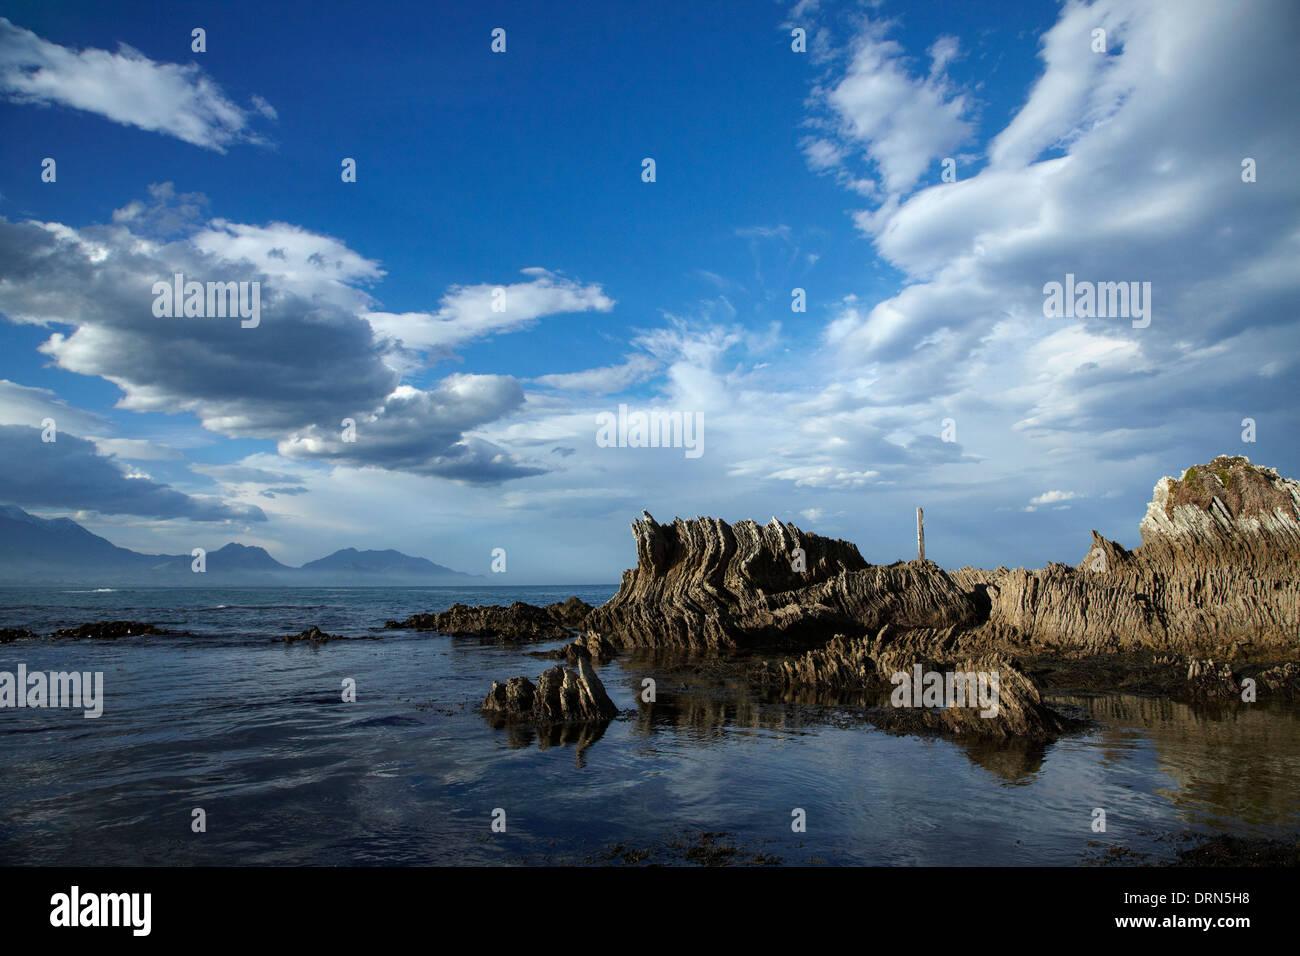 Kaikoura Seaward varia e insolita ripiegato costiere rocciose, Kaikoura, Isola del Sud, Nuova Zelanda Immagini Stock